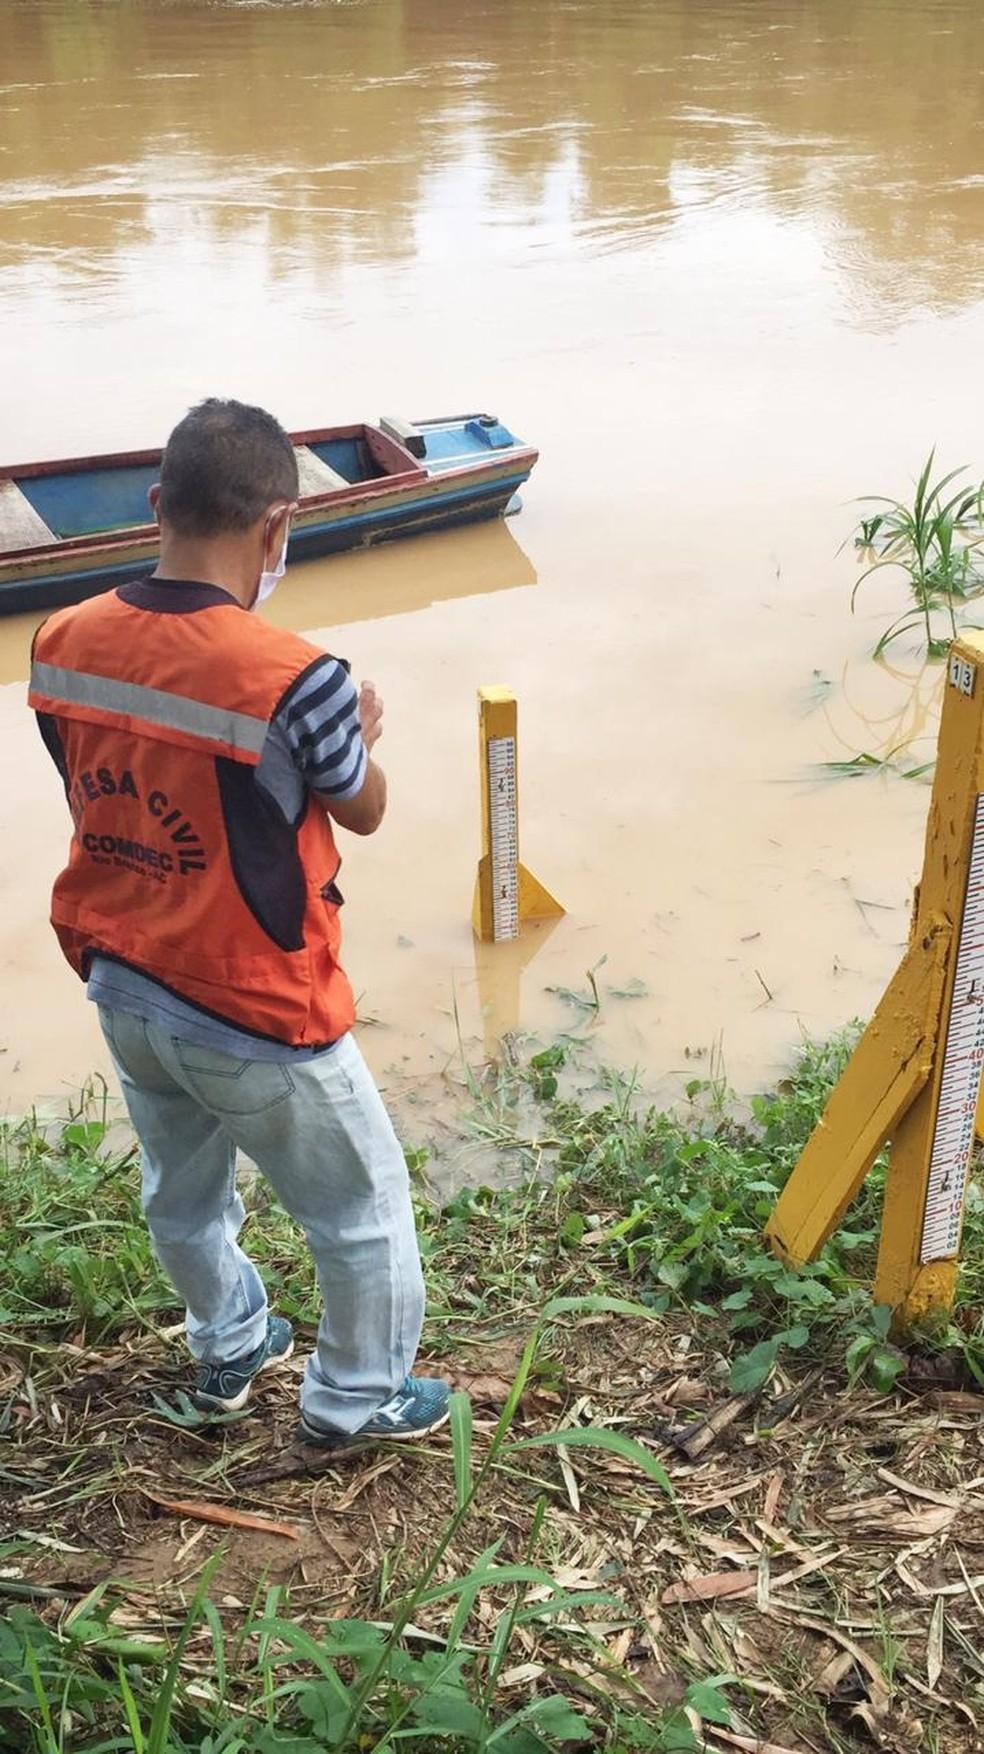 Rio Acre em Rio Branco chegou a cota de 9,38 metros neste sábado — Foto: Divulgação/Defesa Civil